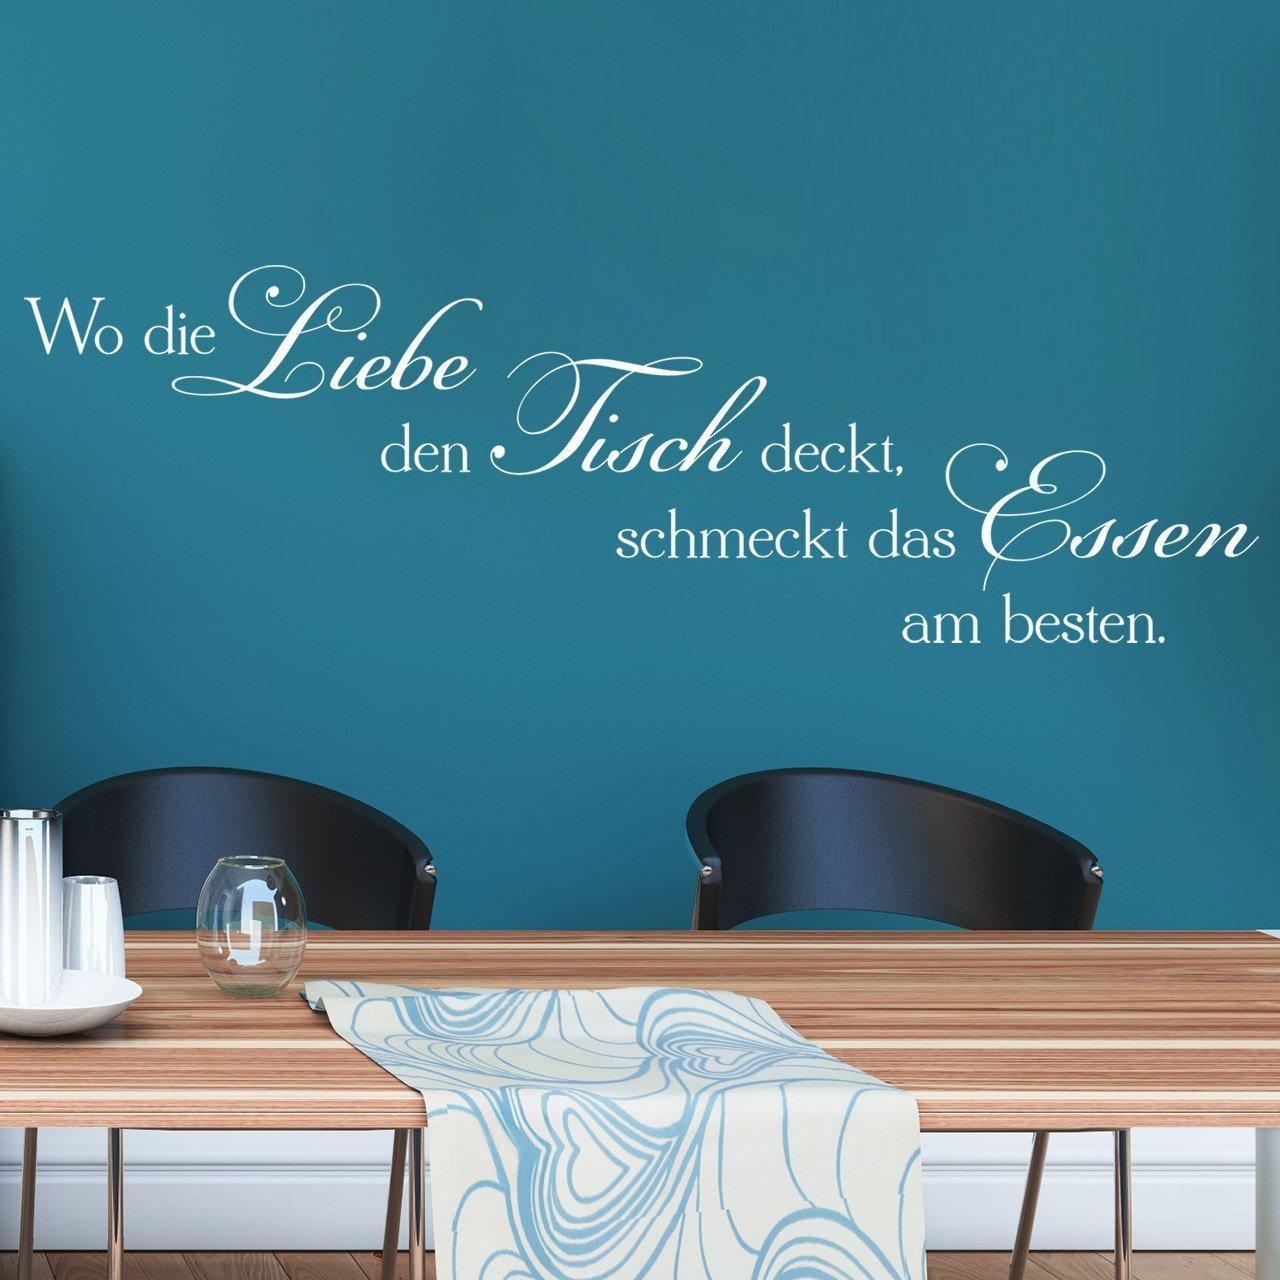 DESIGNSCAPE® Wandtattoo Wo die Liebe den Tisch Tisch Tisch deckt, schmeckt das Essen am Besteen 120 x 38 cm (Breite x Höhe) schwarz DW801238-L-F4 B01D8JQ5N0 Wandtattoos & Wandbilder 78d5f6